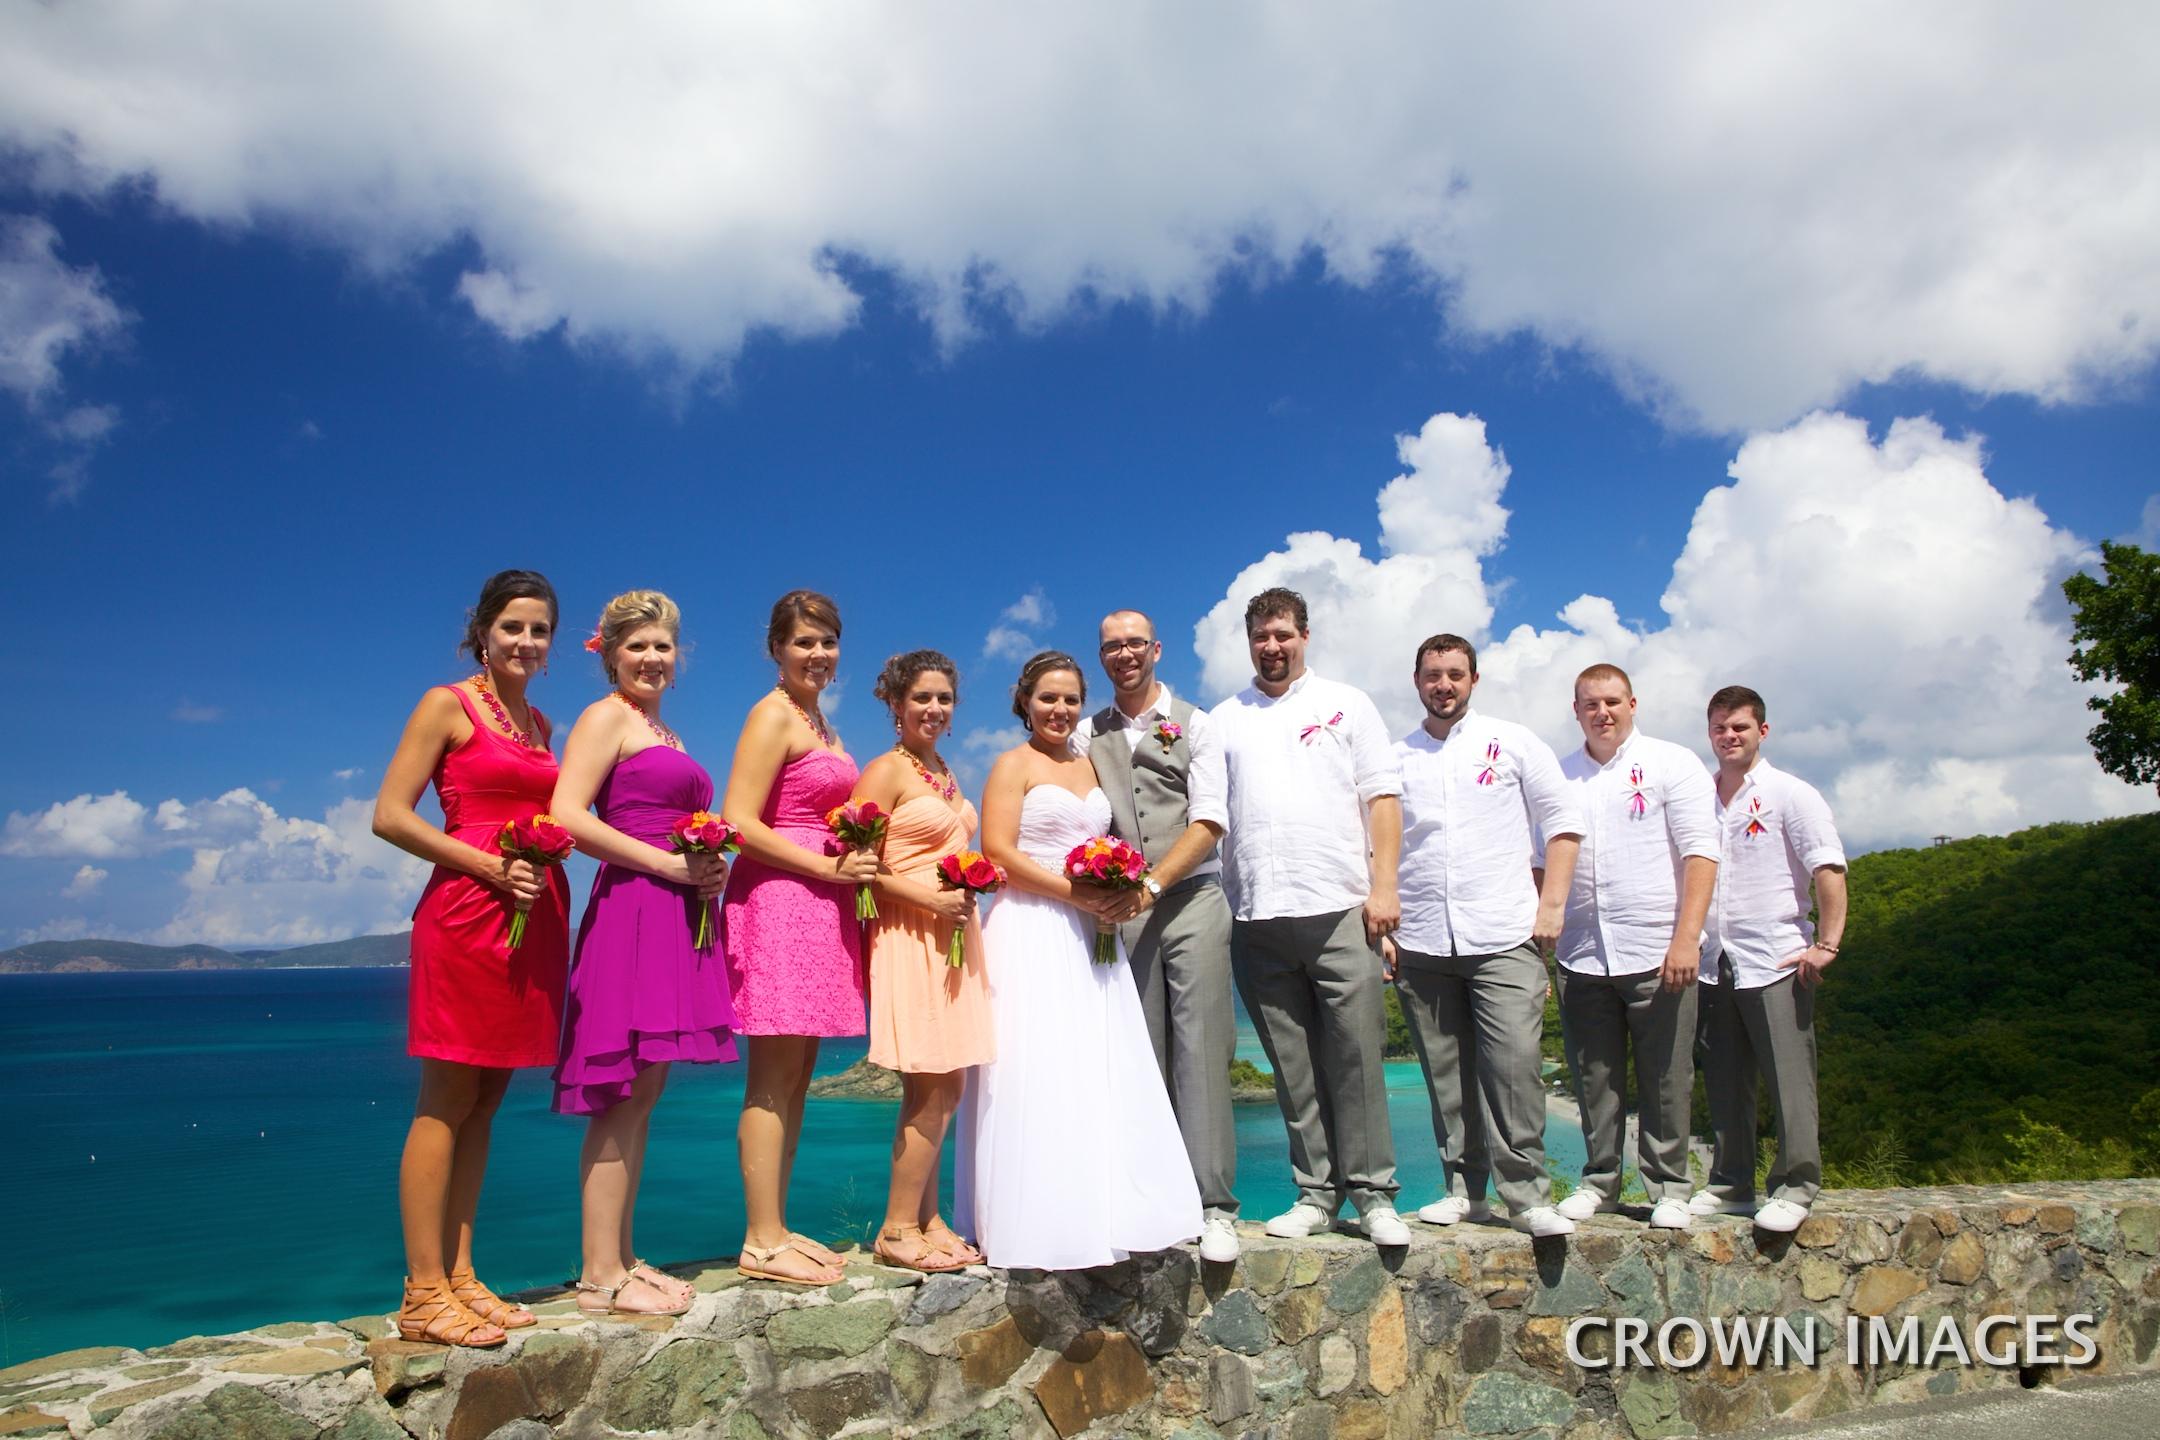 wedding party photos on st john